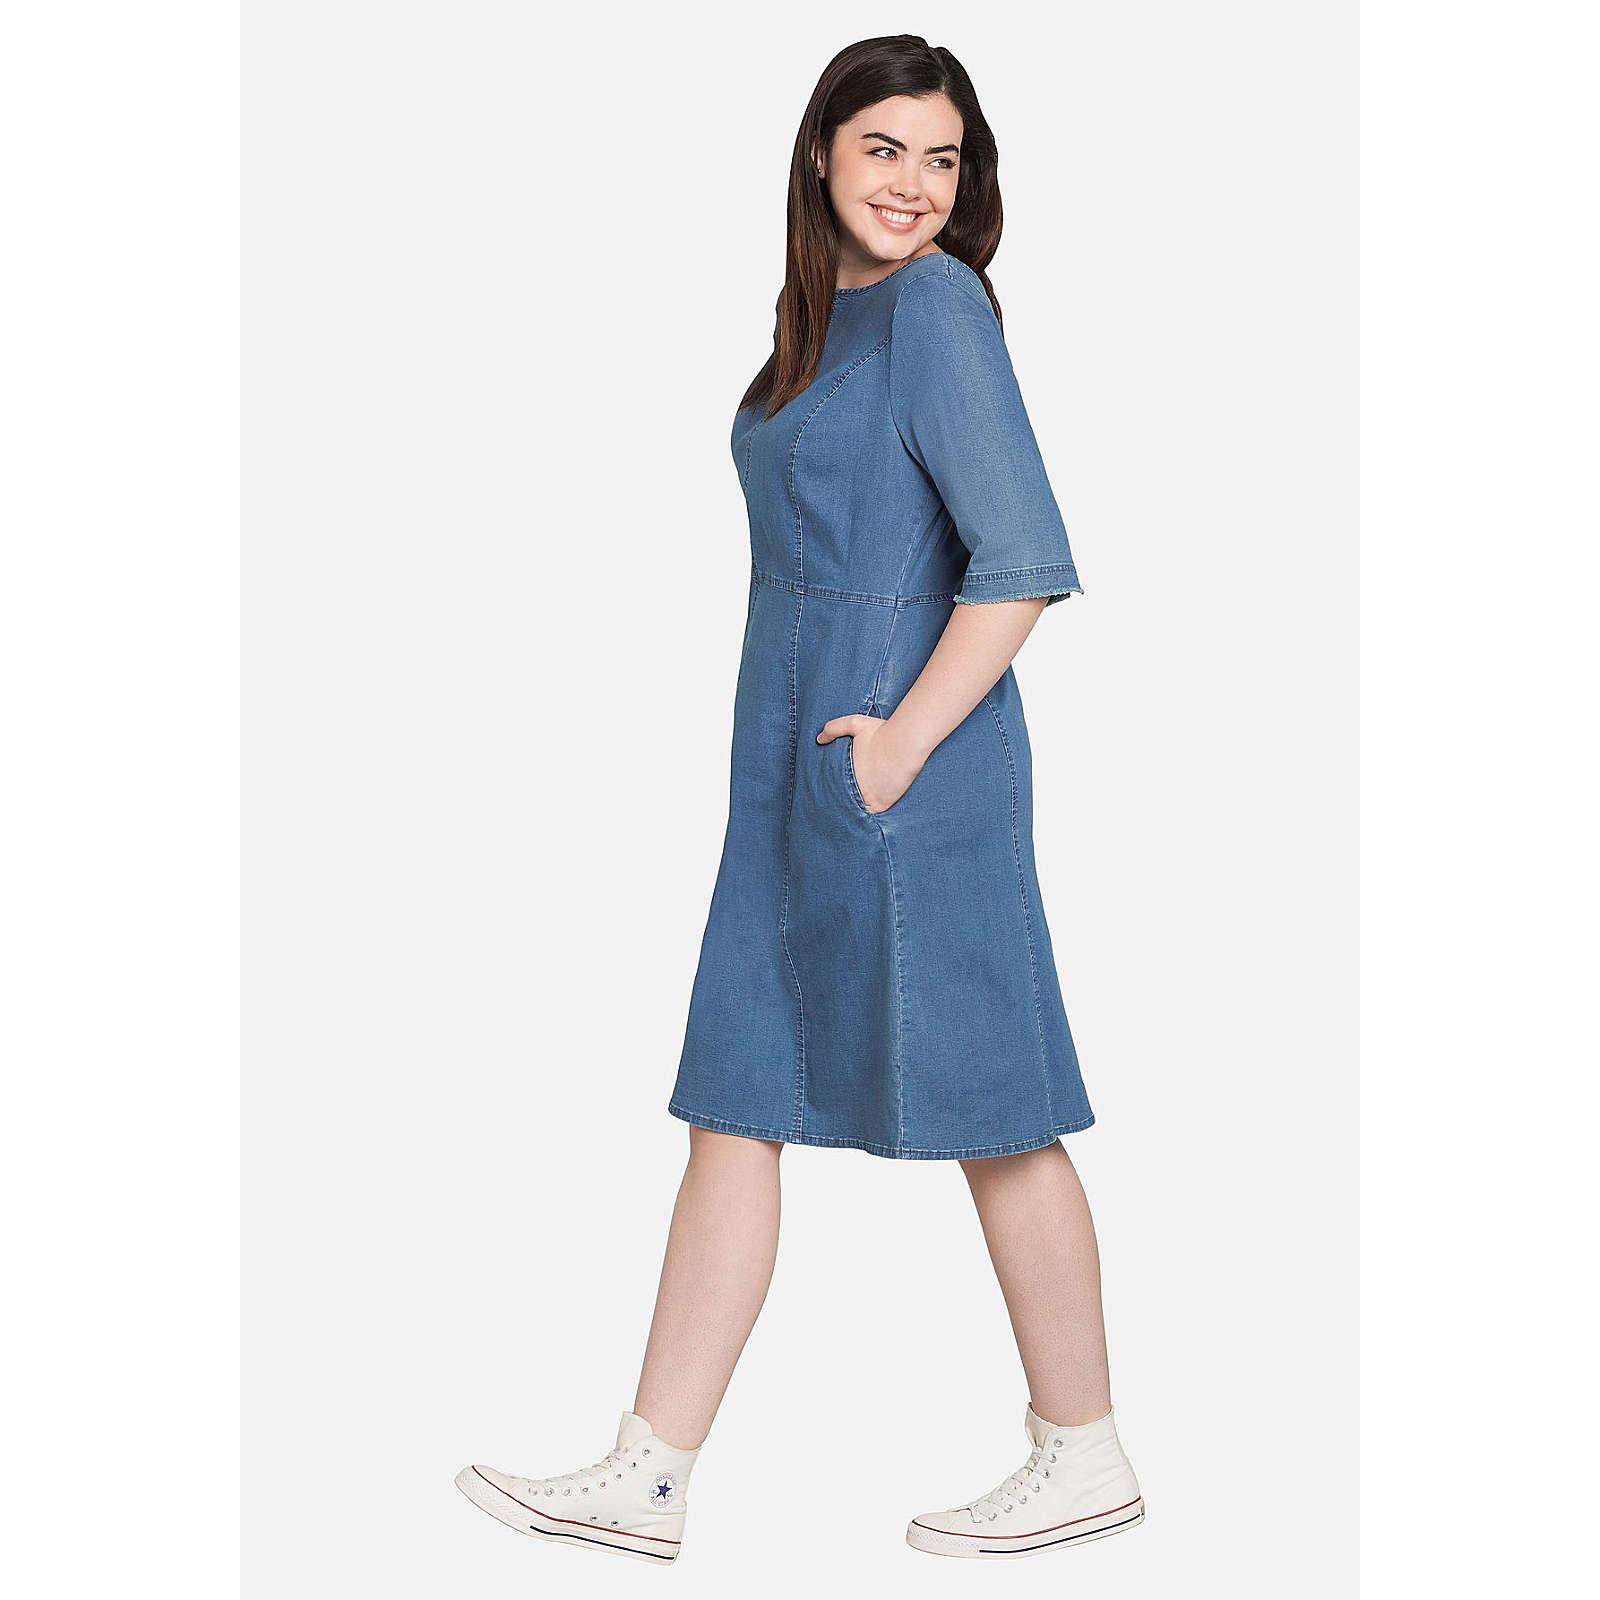 sheego Jeanskleid mit lässigen Eingrifftaschen Jeanskleider hellblau Damen Gr. 54